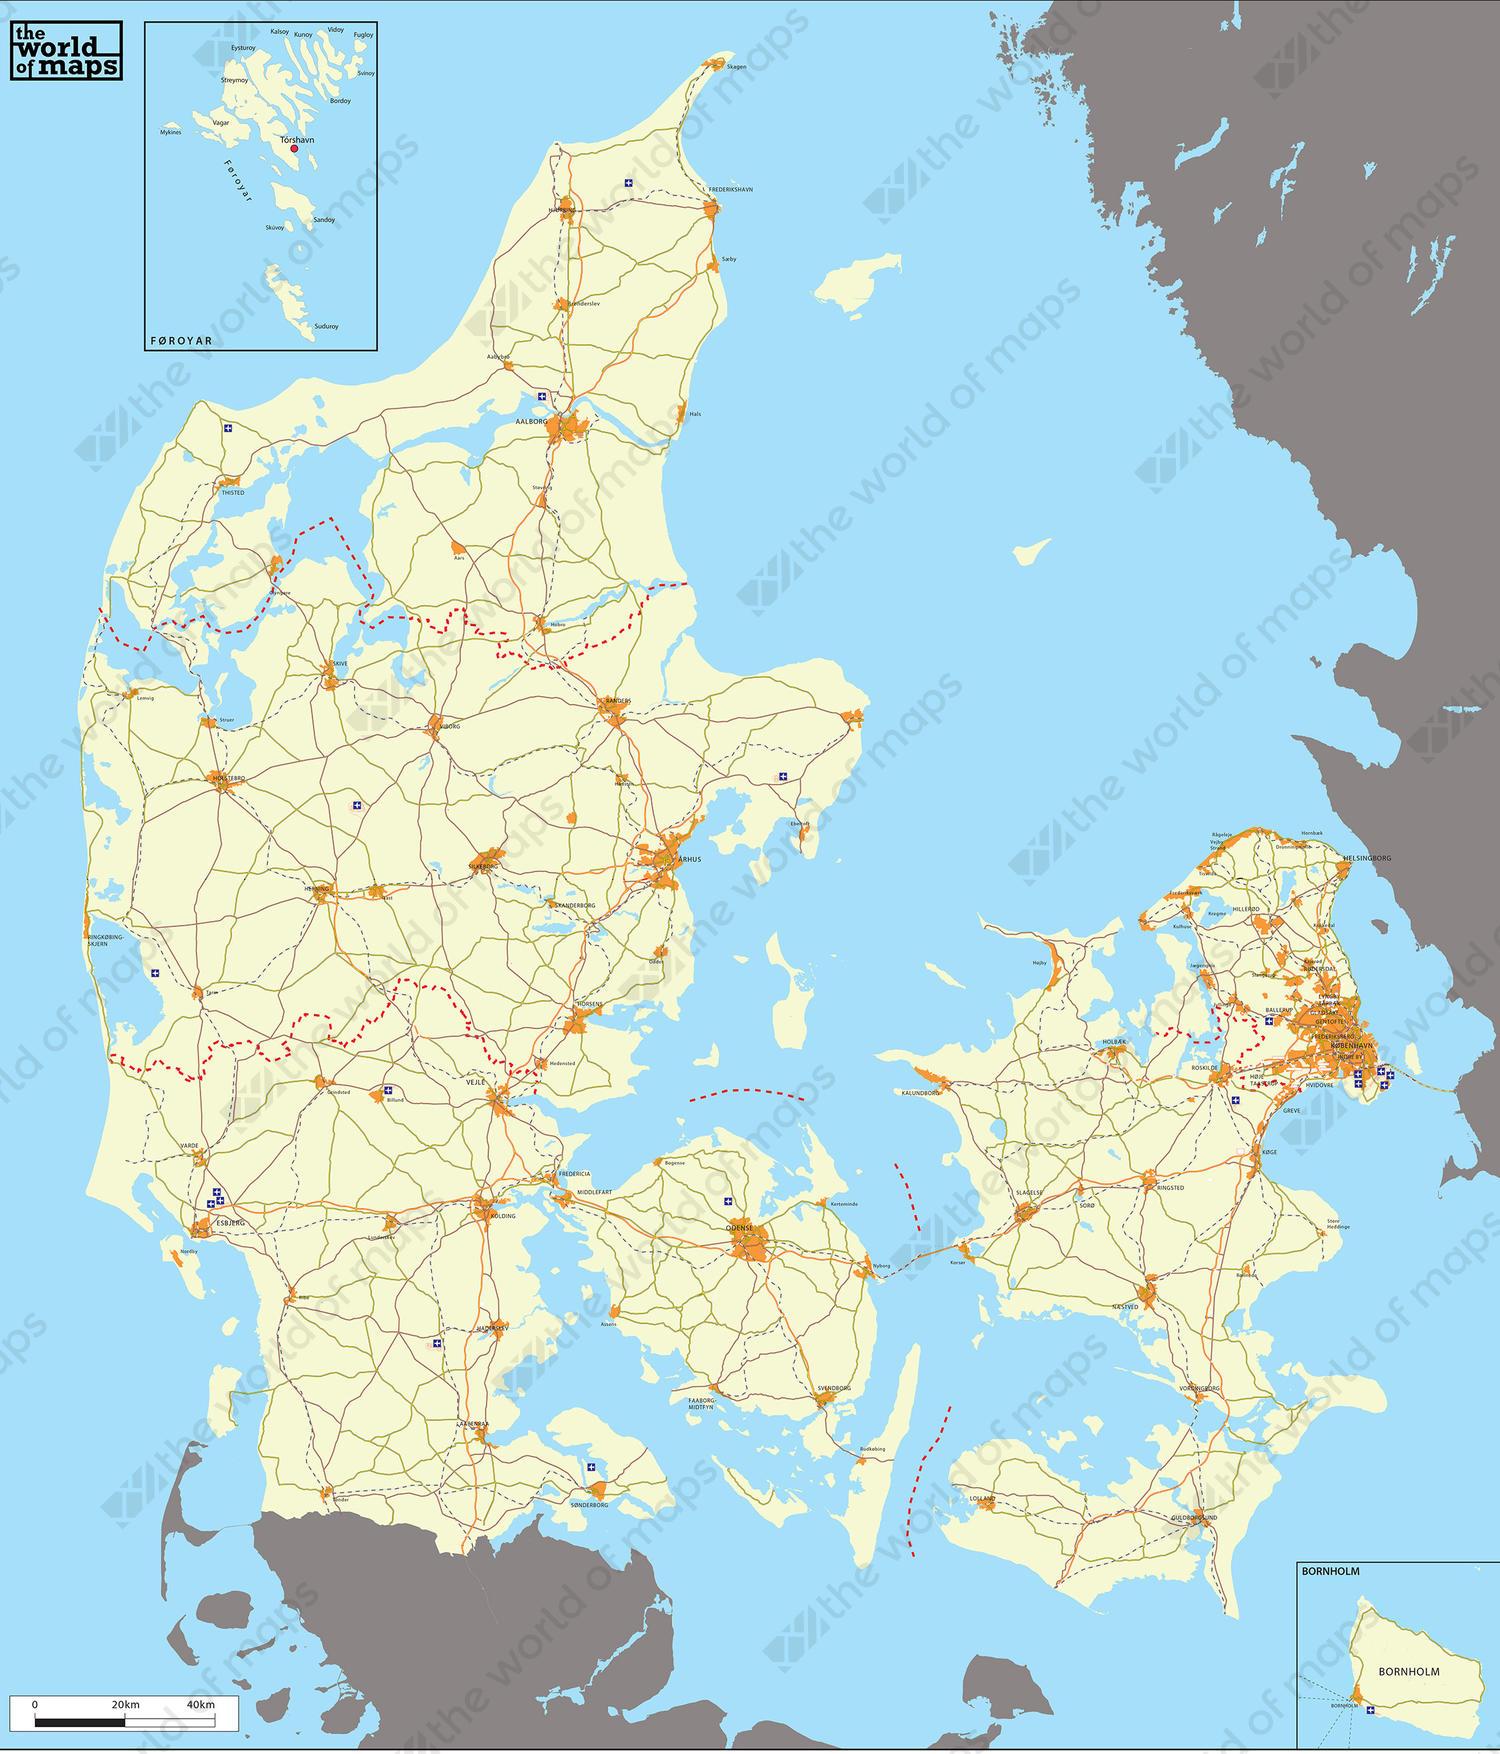 Digital Basic Map Denmark 4 The World Of Maps Com